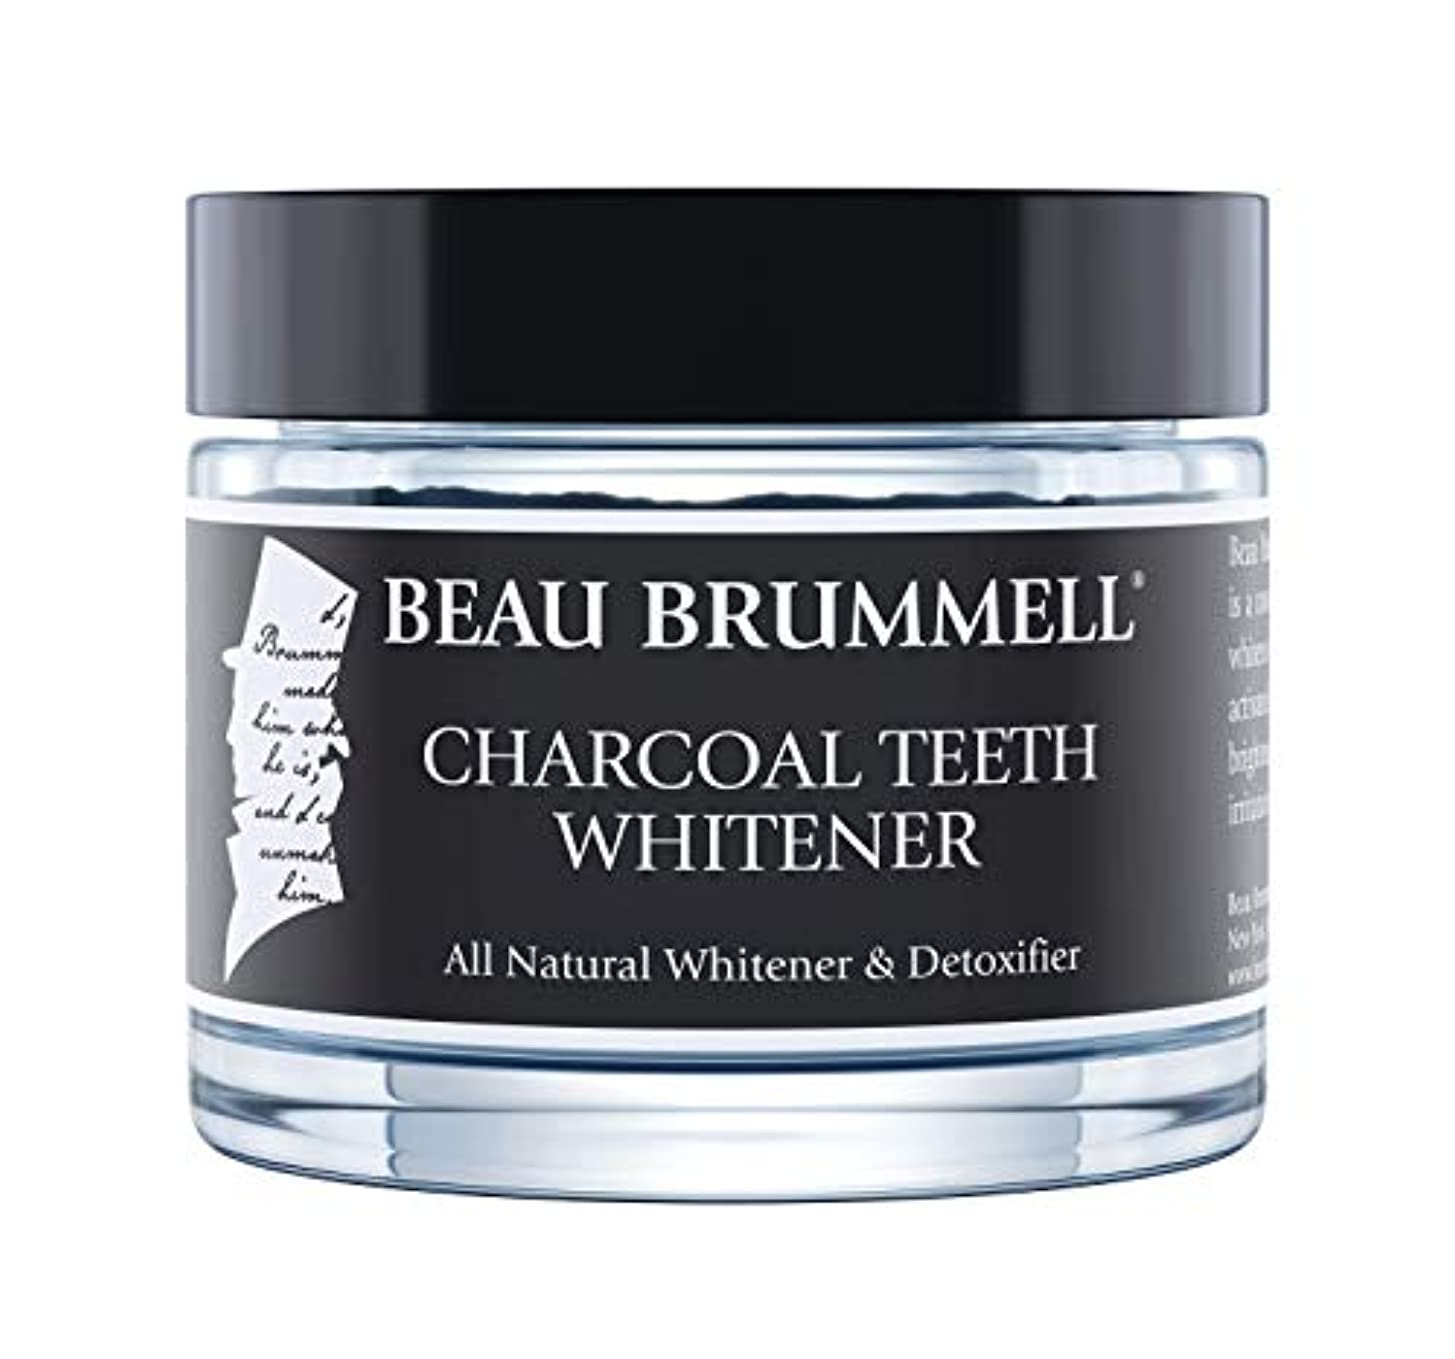 味到着する新着Beau Brummell チャコール歯ナーナチュラル炭オーガニックココナッツ炭グレードホワイトニングパウダーを活性化